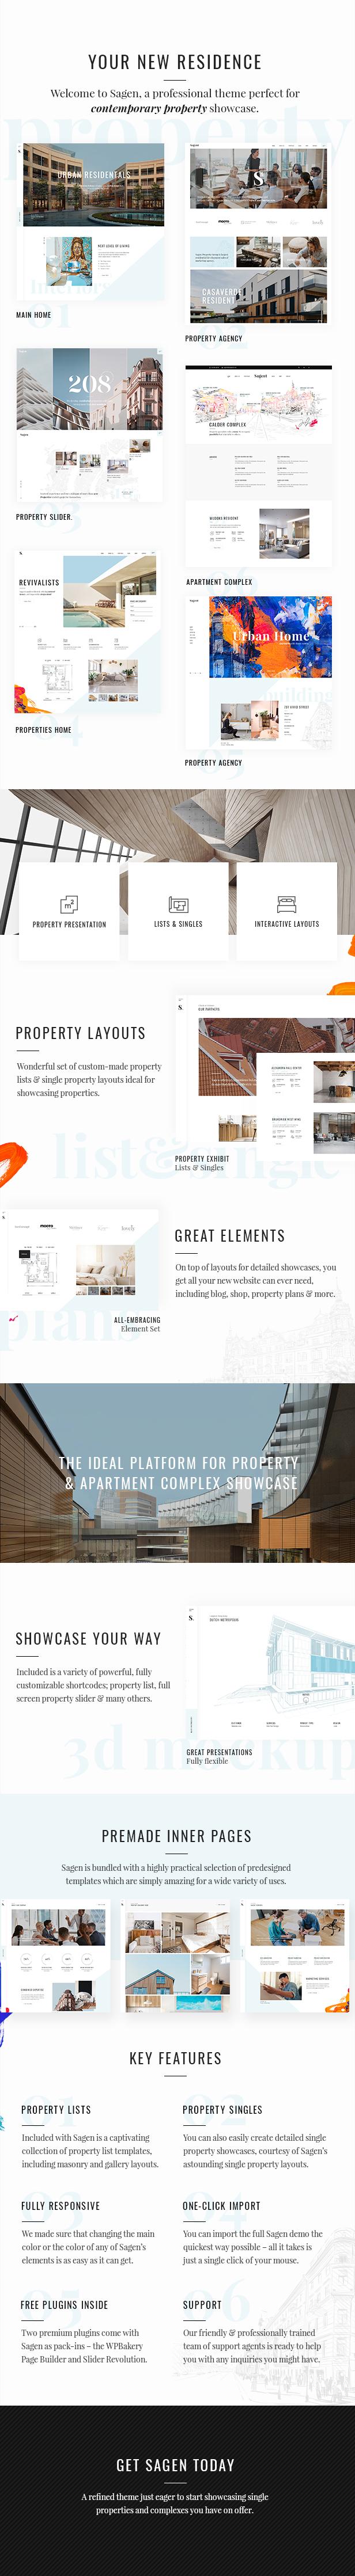 Sagen - Thema Einzel- und Apartmentkomplex - 1